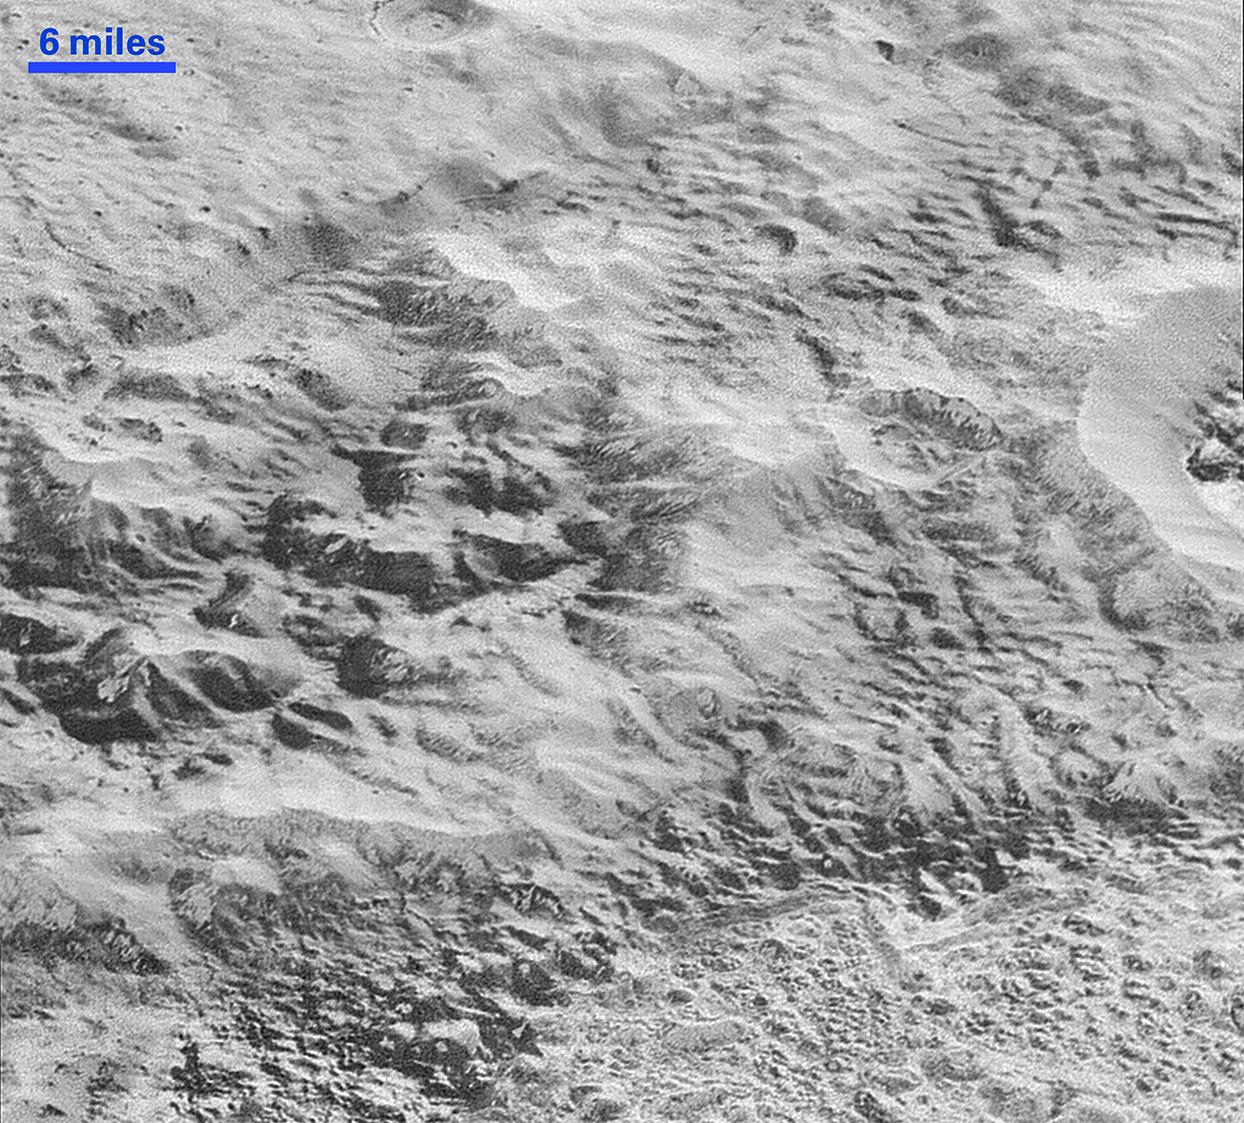 Plüton'un bozuk yapılarını gösteren fotoğraf, güçlü erozyon izleri taşıyor. [NASA/JHUAPL/SwRI]